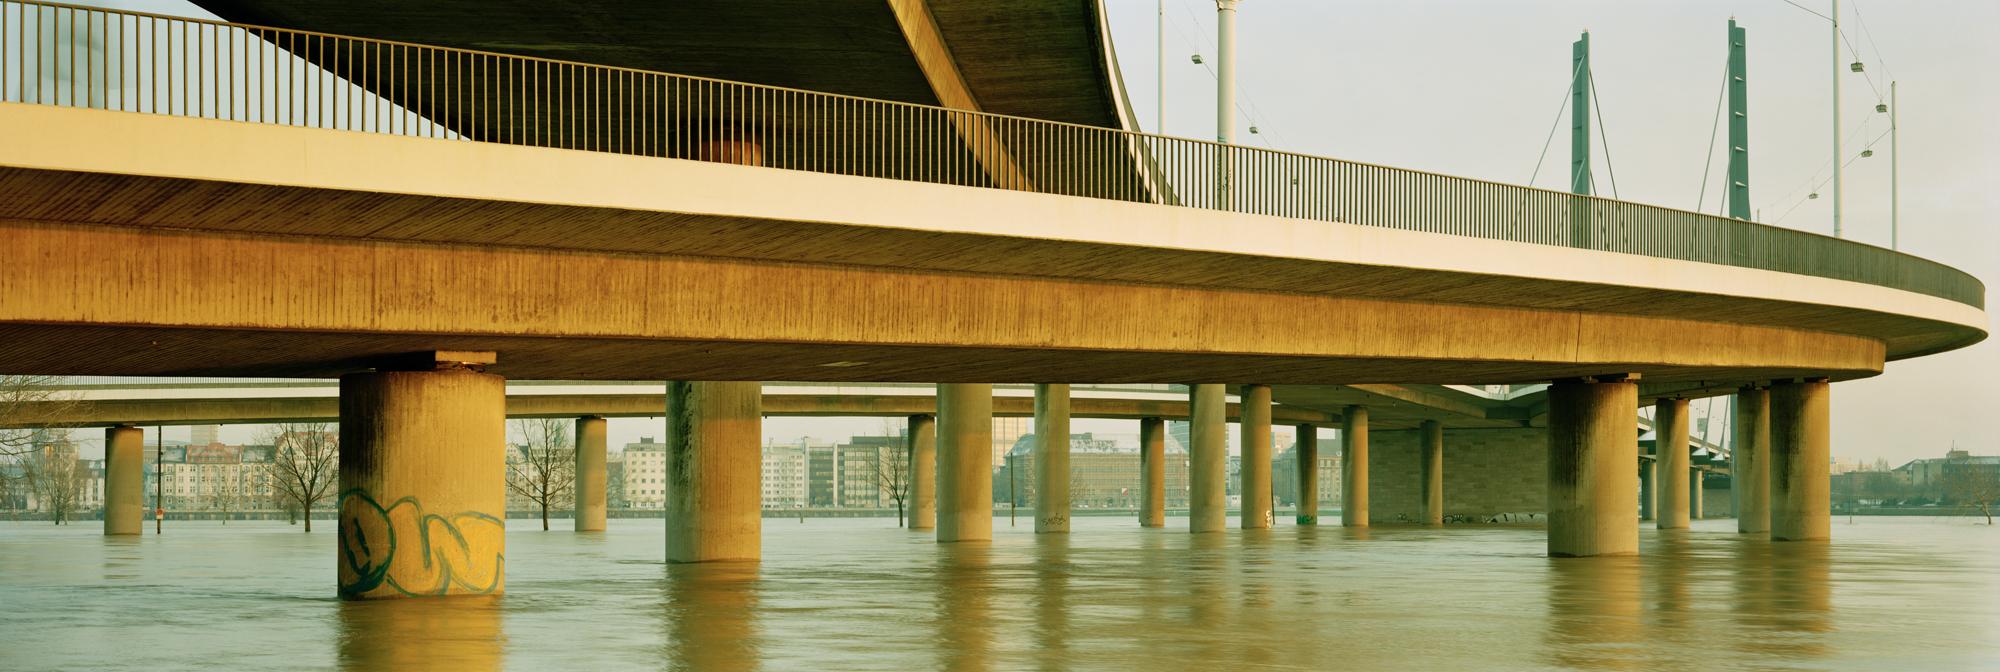 Der Bensberger Künstler Markus Bollen hat das extreme Rheinhochwasser genutzt, um diese Panoramaaufnahme mit seiner Großformatkamera zu machen.